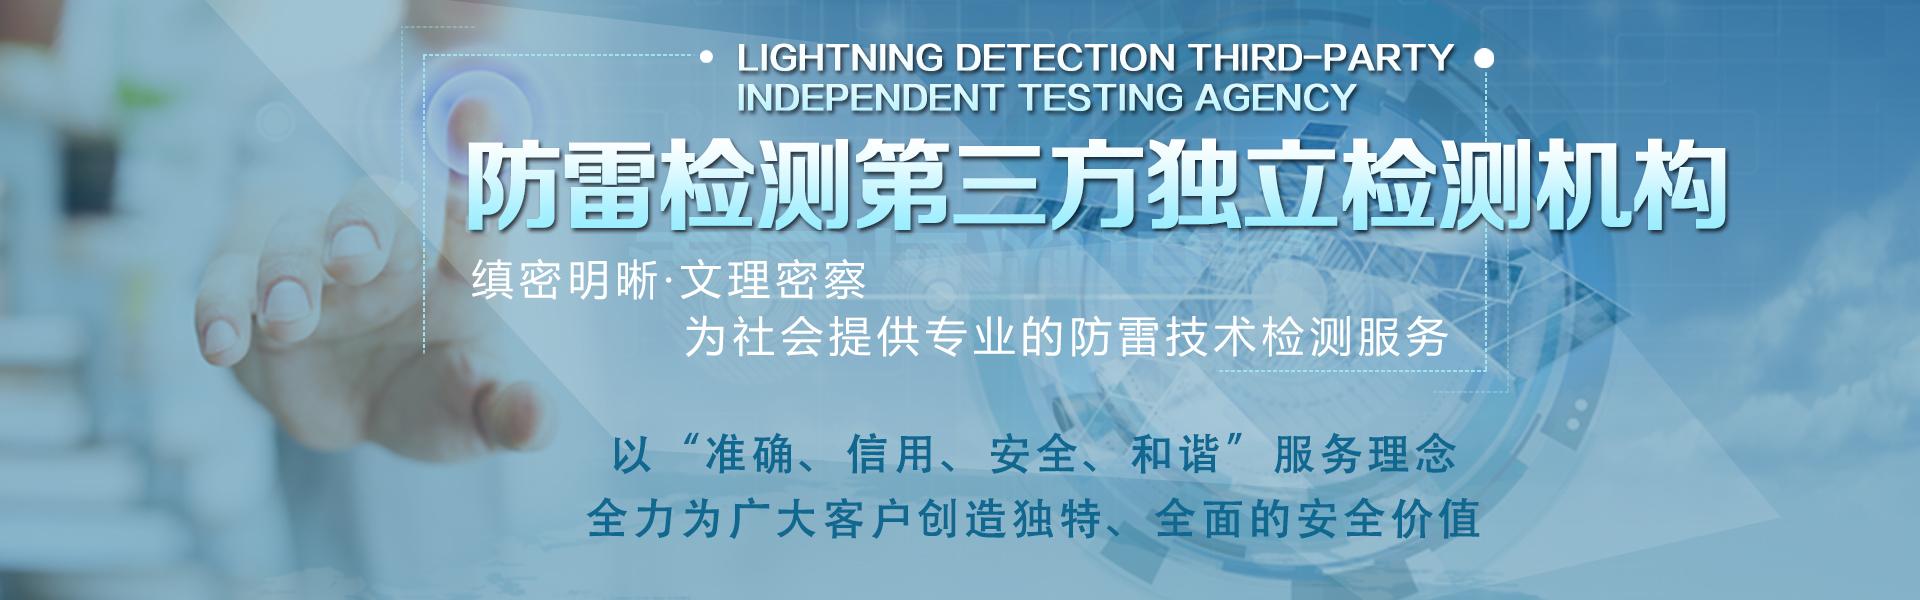 防雷检测第三方独立检测机构